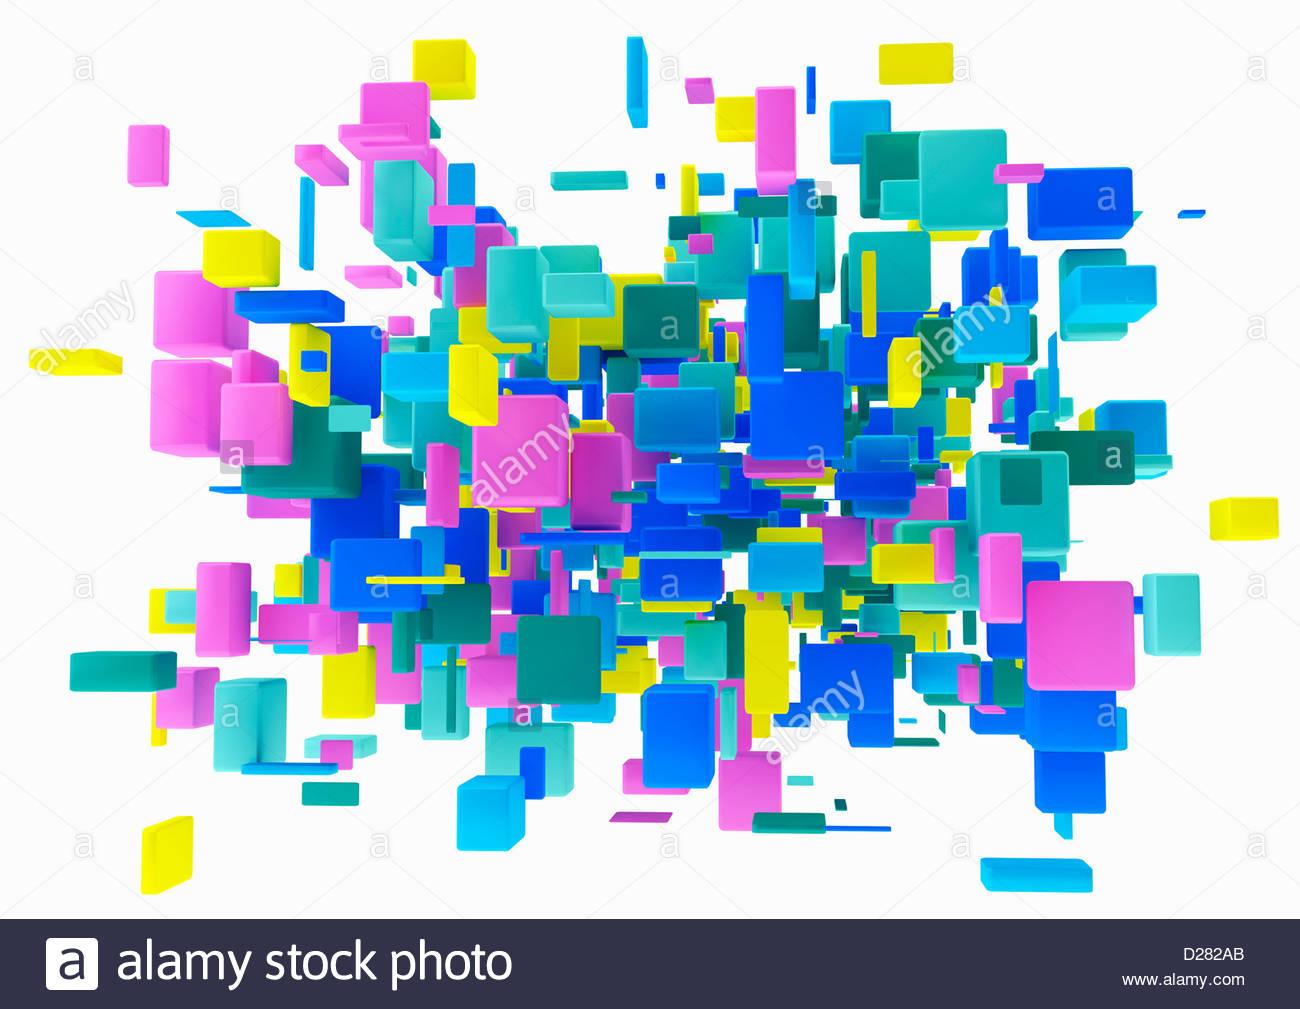 Cluster astratta di cubetti multicolore su sfondo bianco Immagini Stock